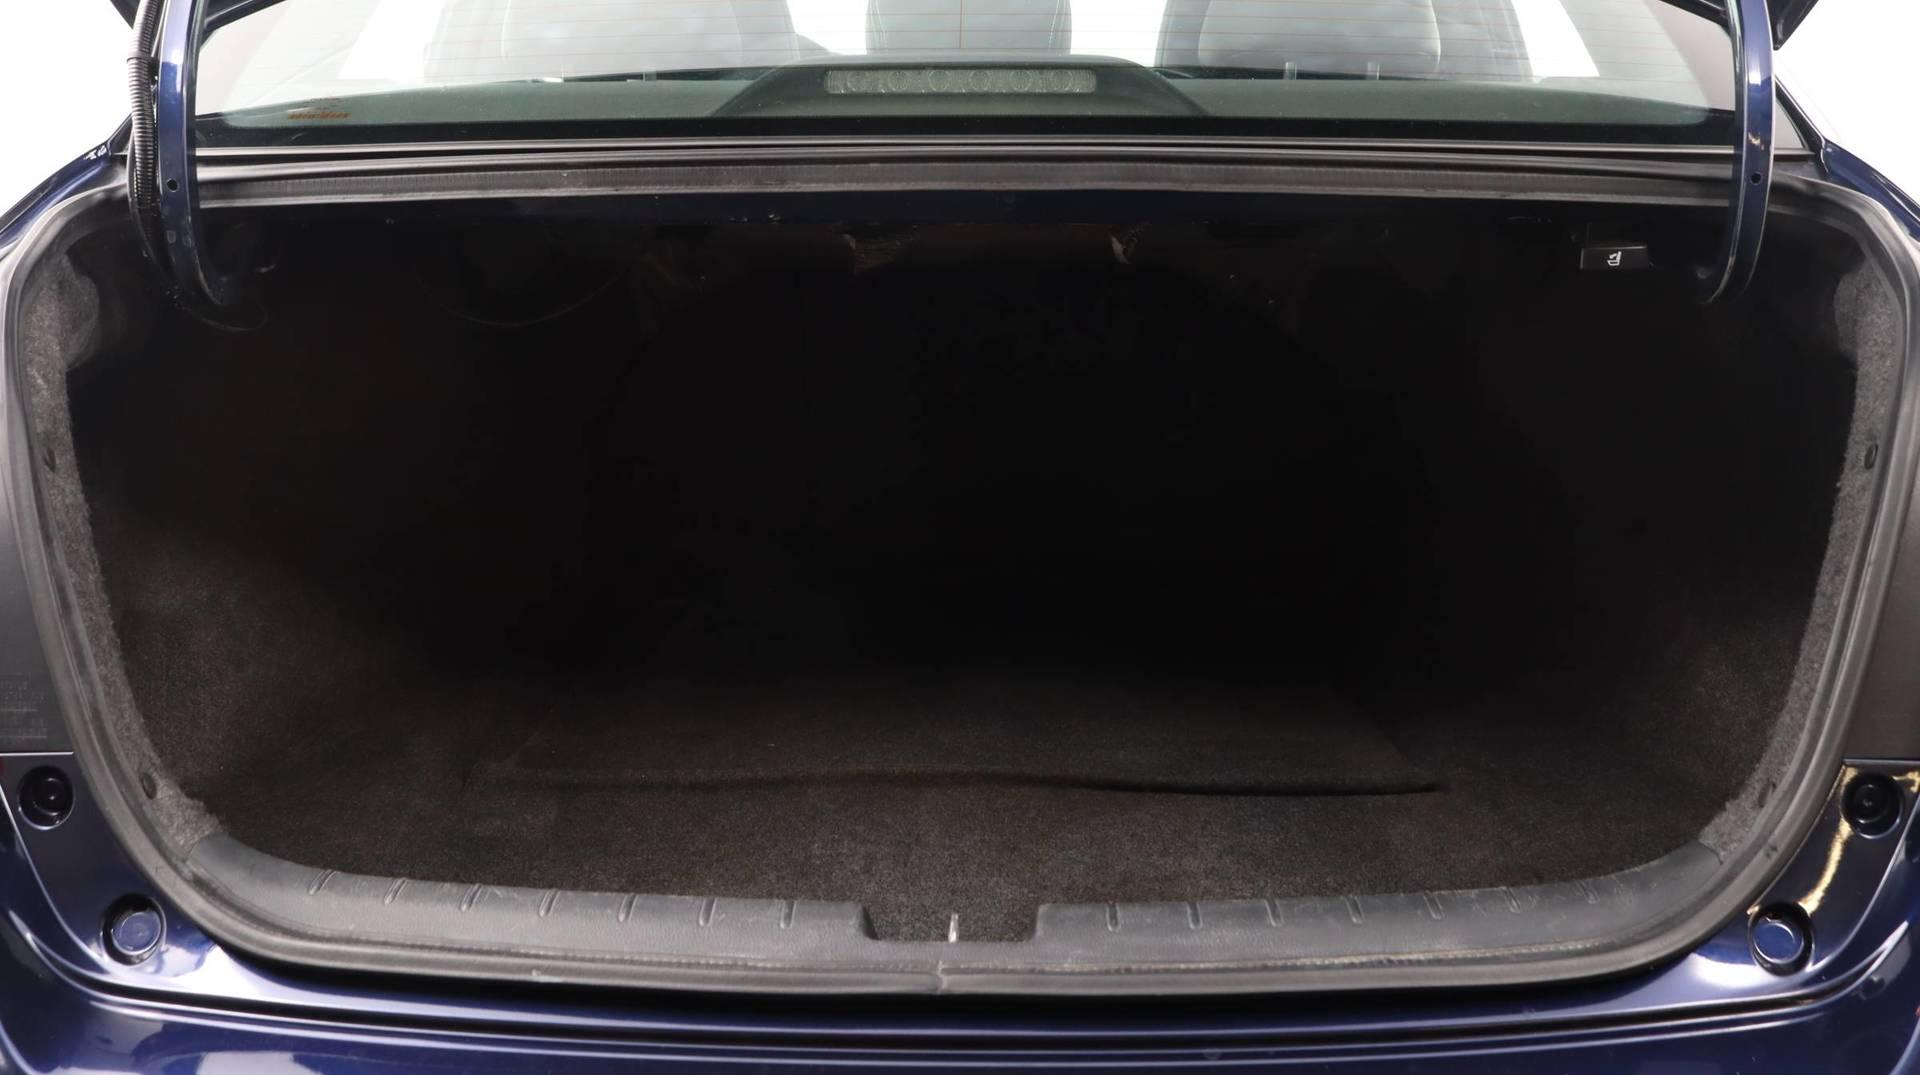 Florida Fine Cars - Used vehicle - Sedan HONDA ACCORD 2016